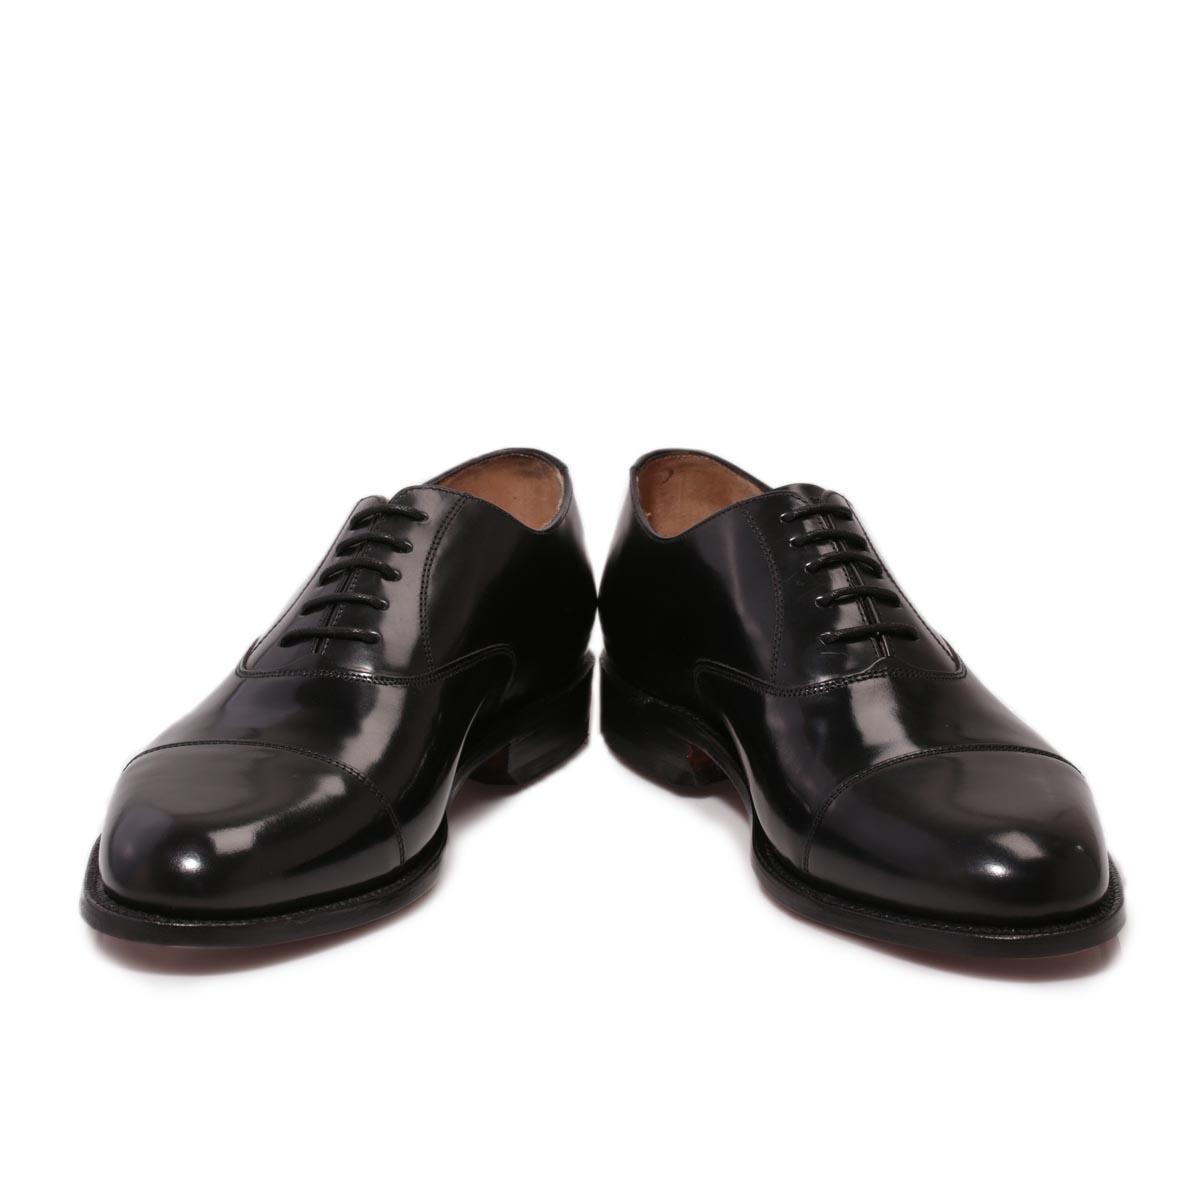 Barker Shoes Black